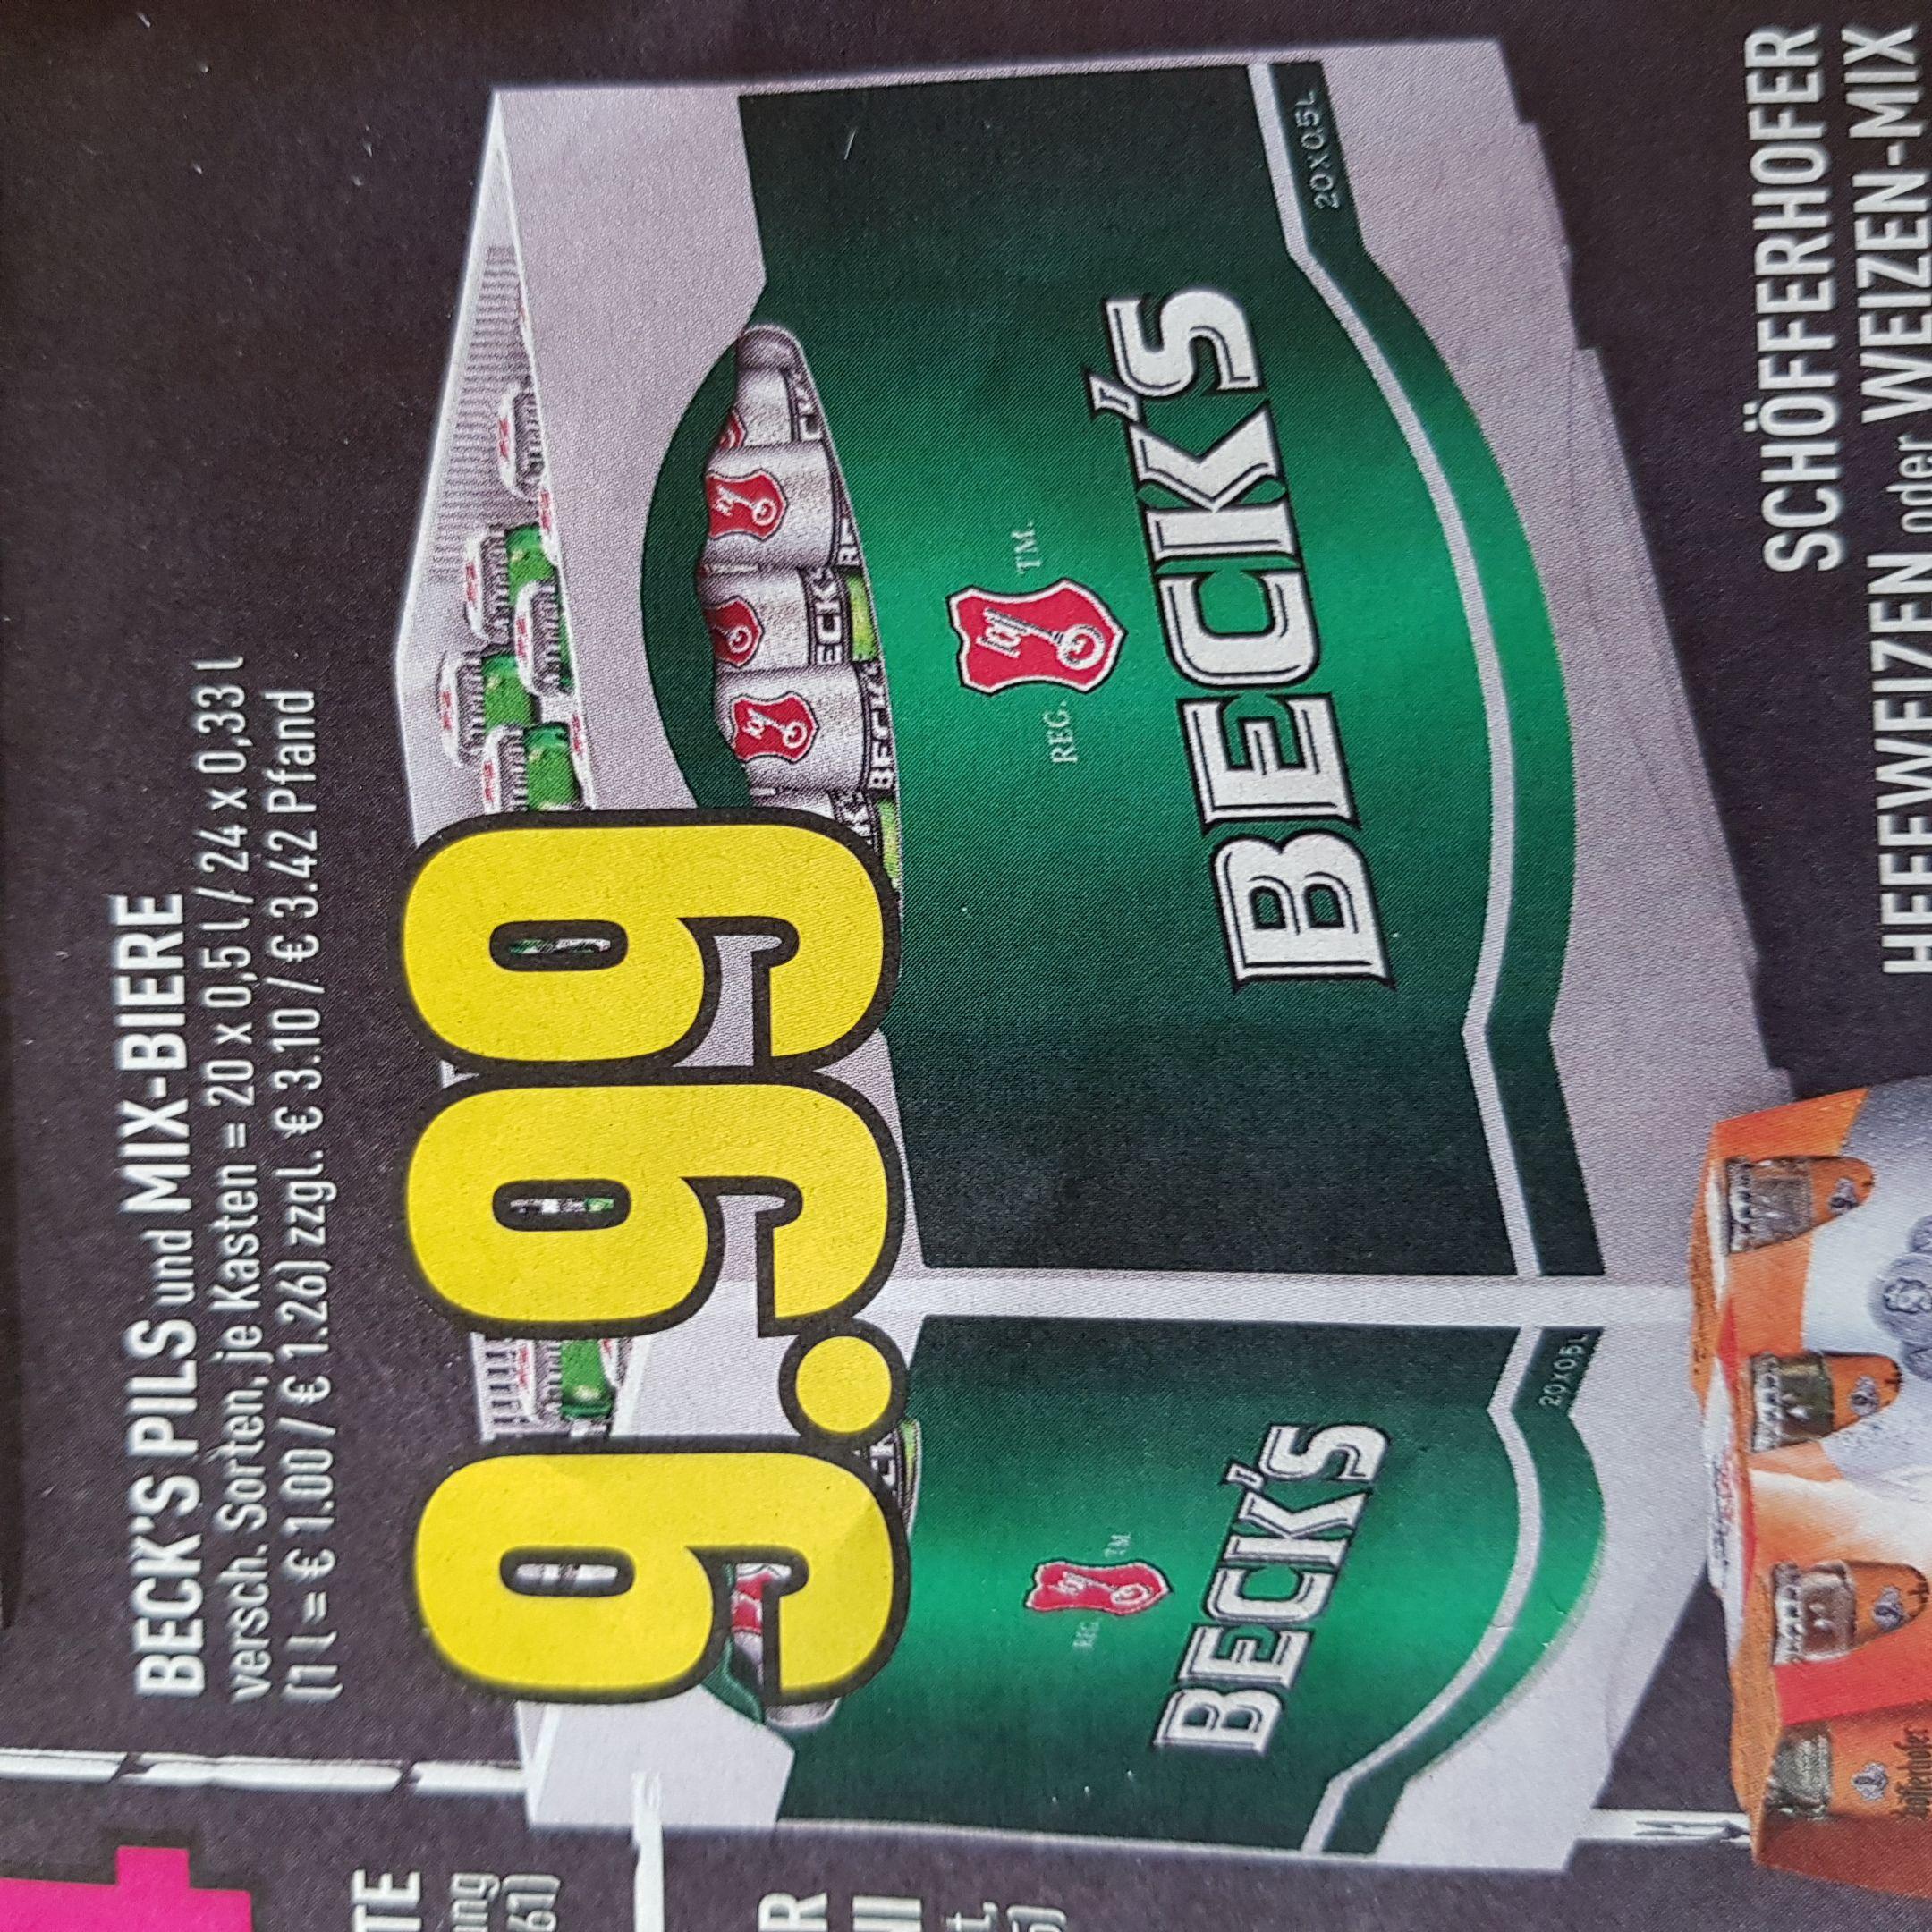 [Edeka Rhein-Ruhr] Beck's Bier oder Mix-Biere pro Kiste 9.99 Euro bei Edeka